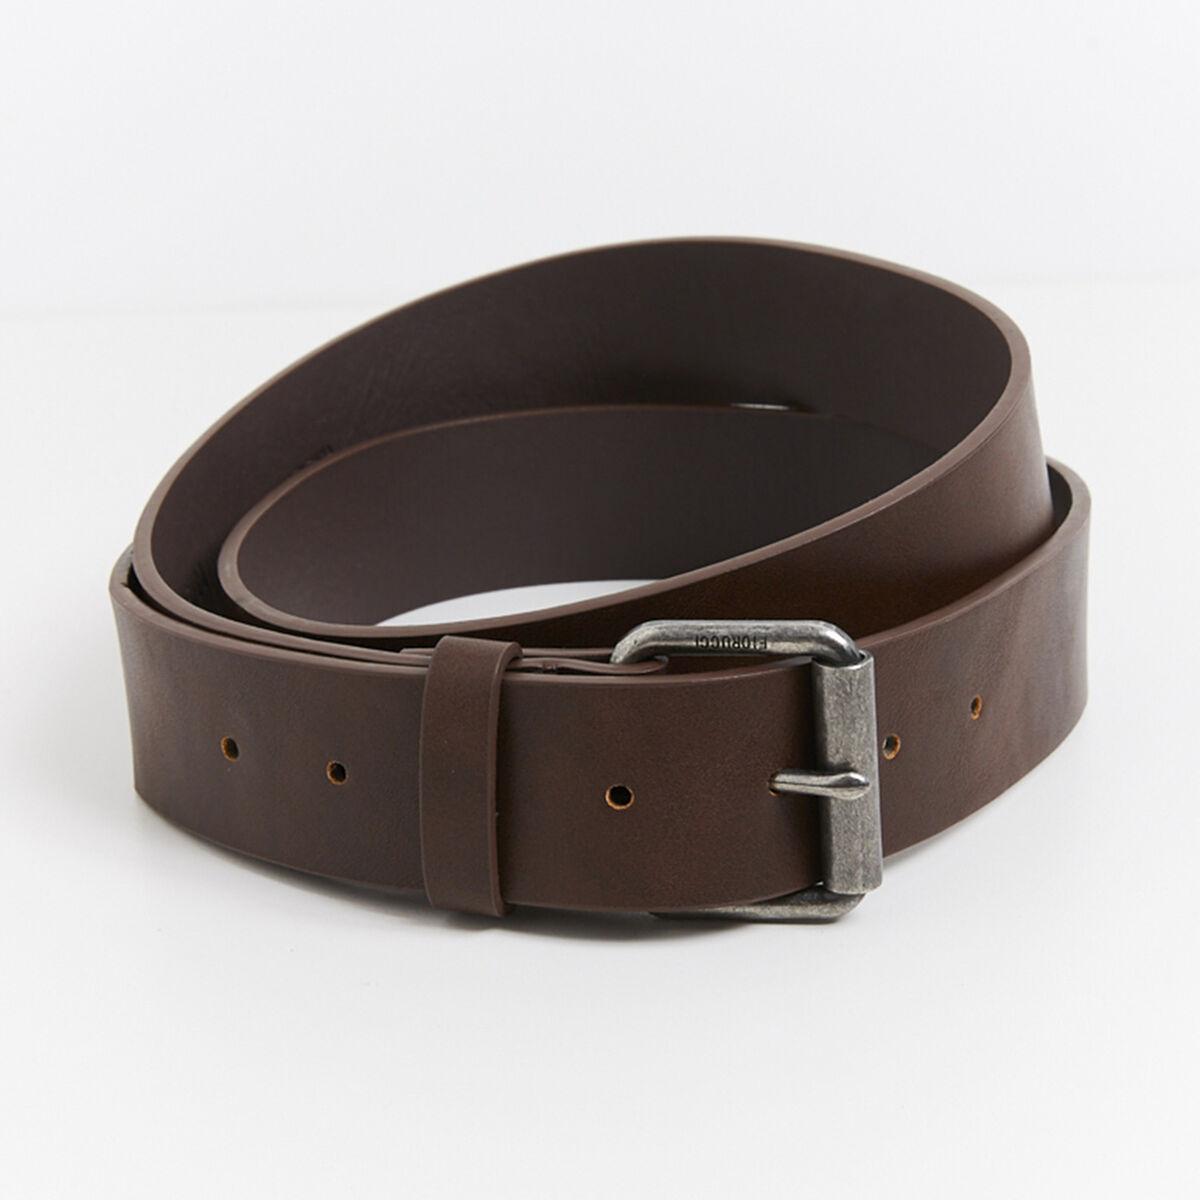 Cinturón Hombre Fiorucci